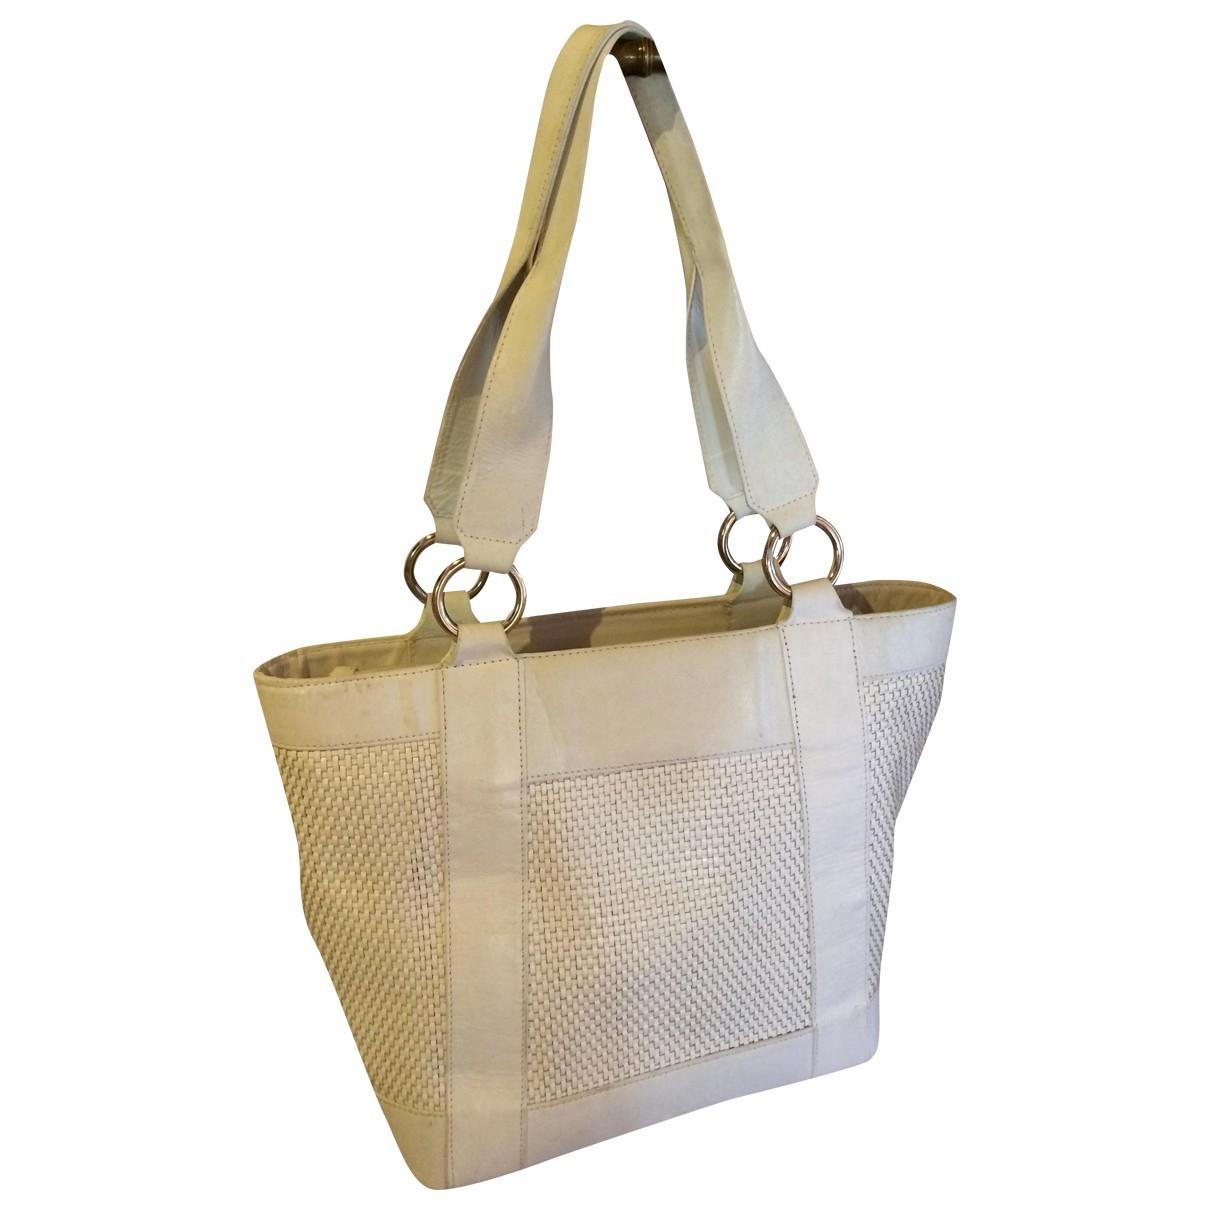 Stuart Weitzman \N White Leather handbag for Women \N